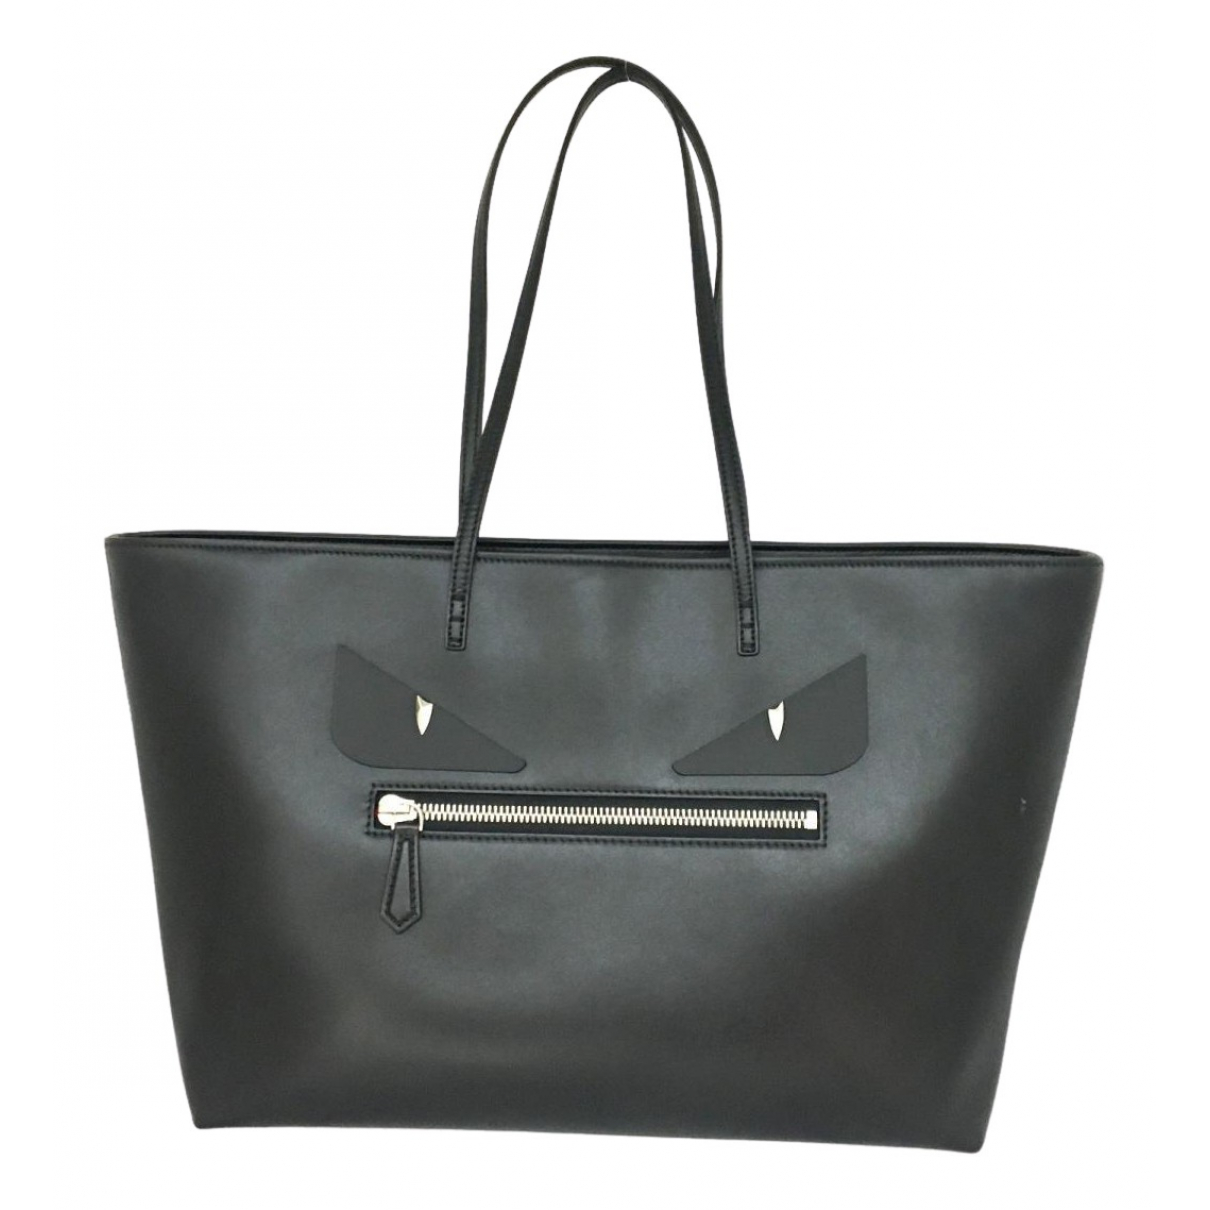 Fendi \N Black Leather handbag for Women \N